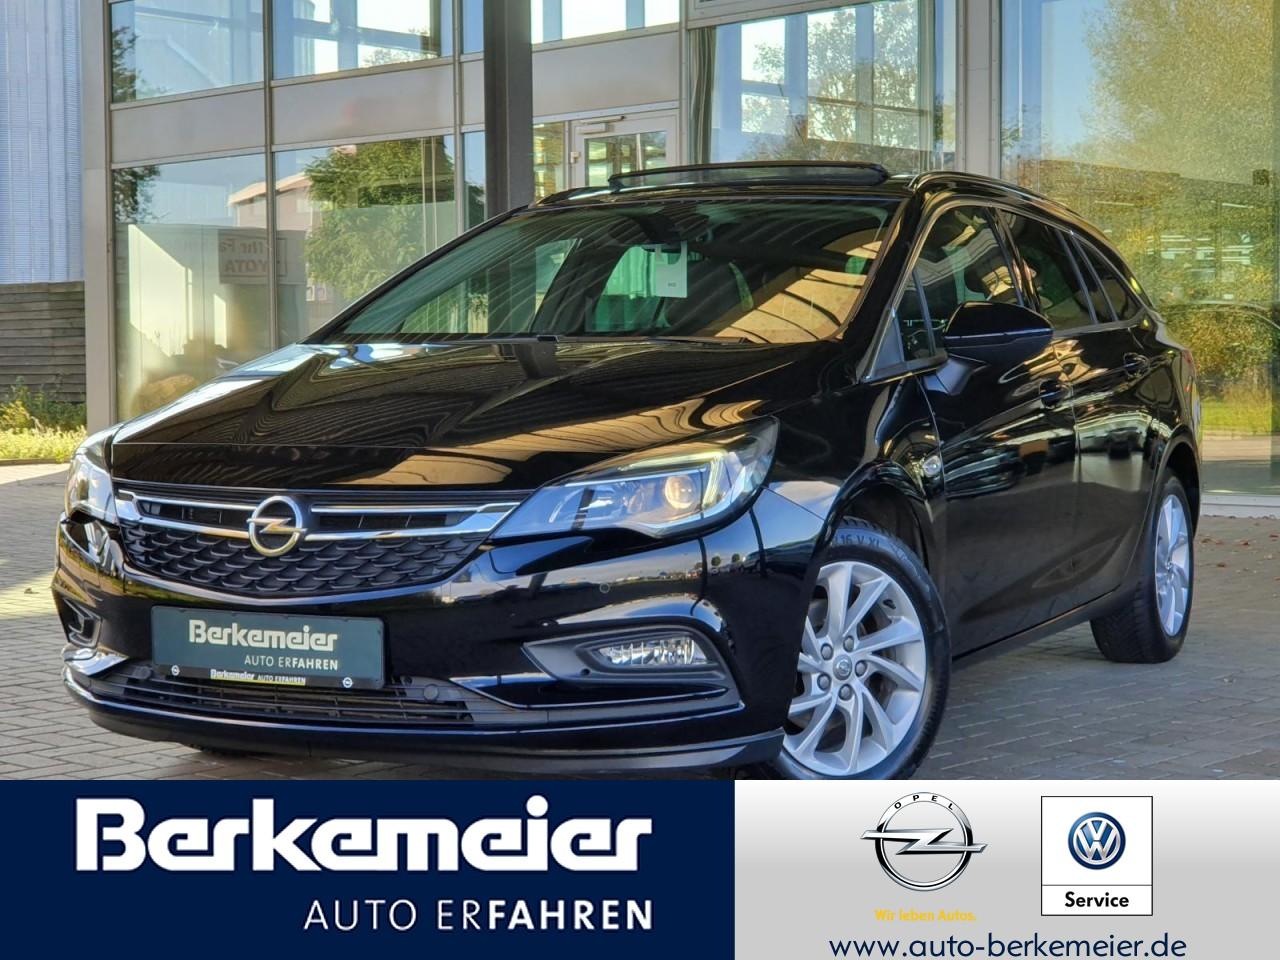 Opel Astra K ST 1.4 Innovation ** Schiebedach/Navi **, Jahr 2019, Benzin